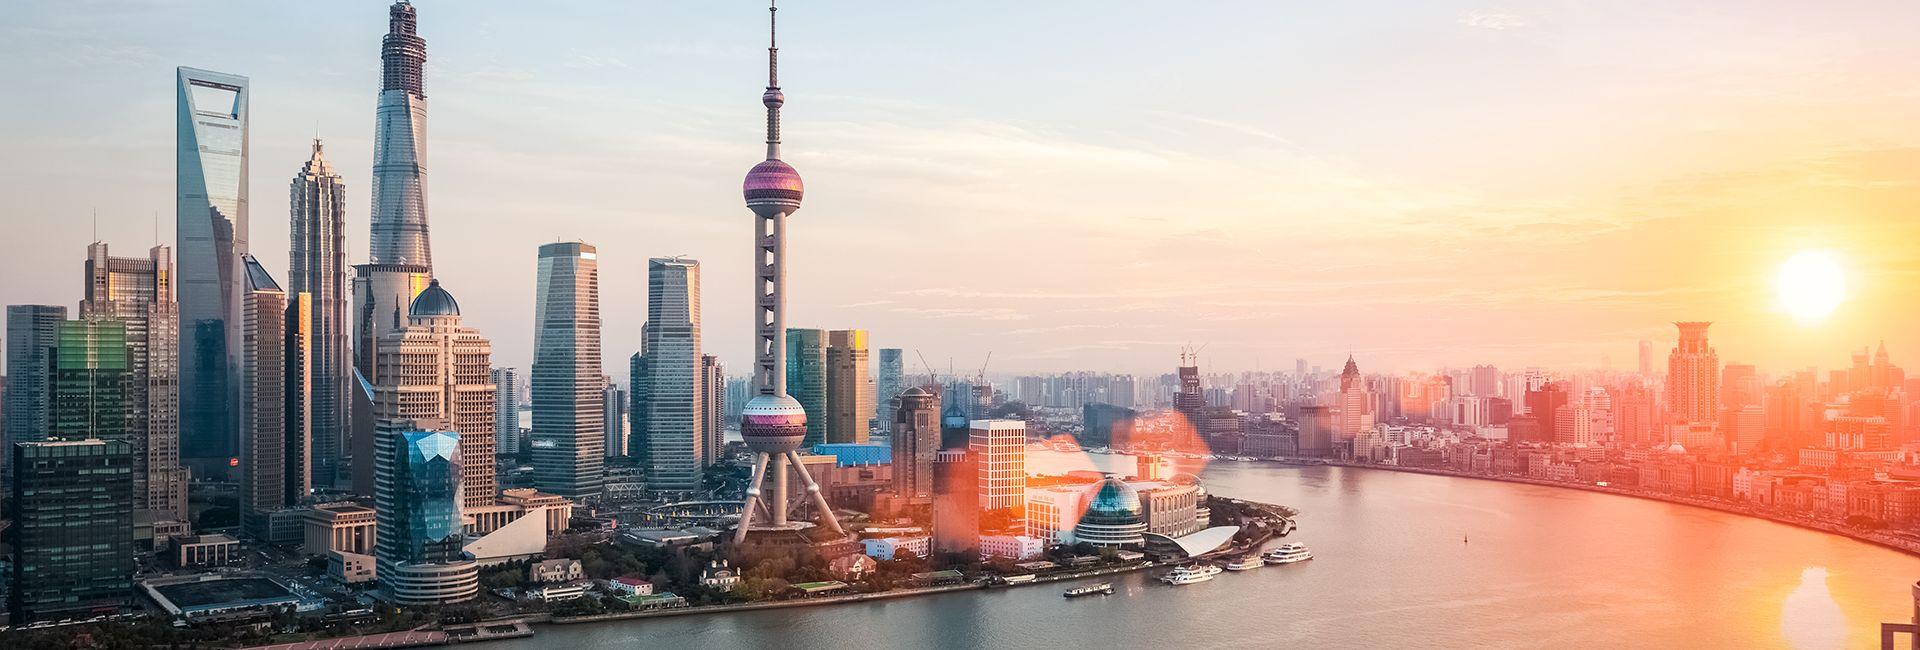 Du lịch Thượng Hải vào tháng 6 có gì hay?